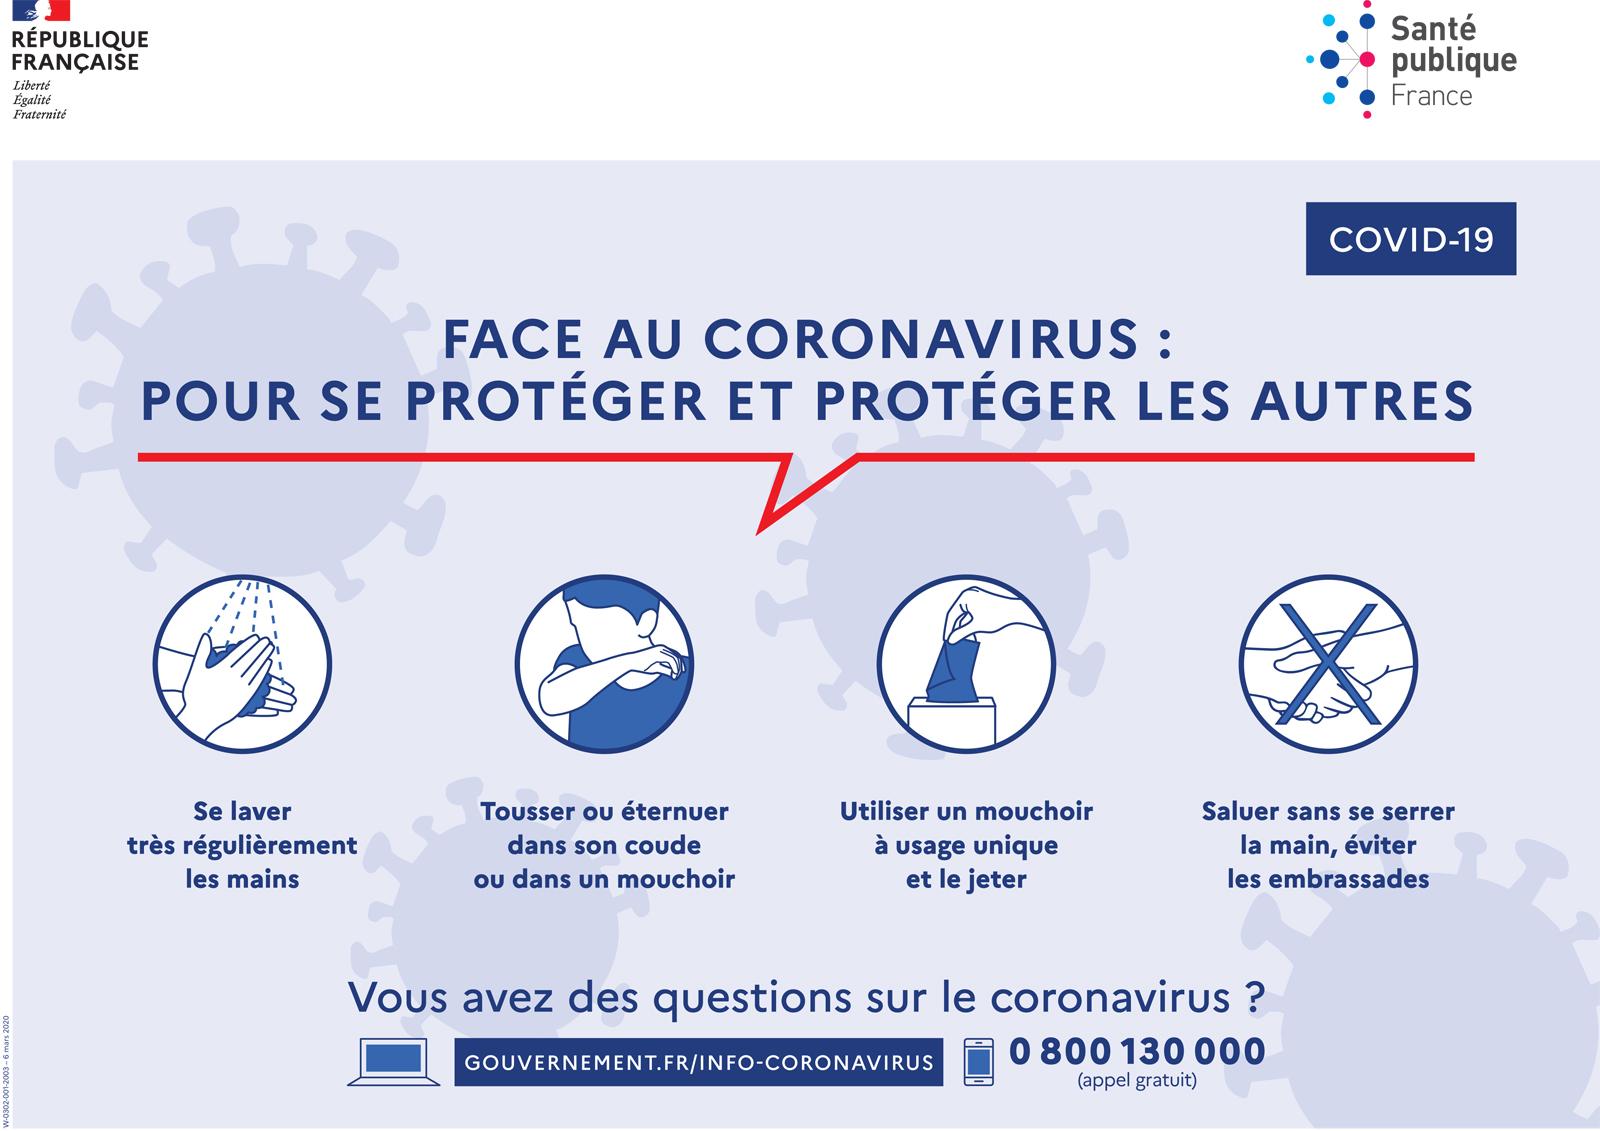 Toutes les réponses aux questions que vous vous posez sur le Coronavirus COVID-19 :